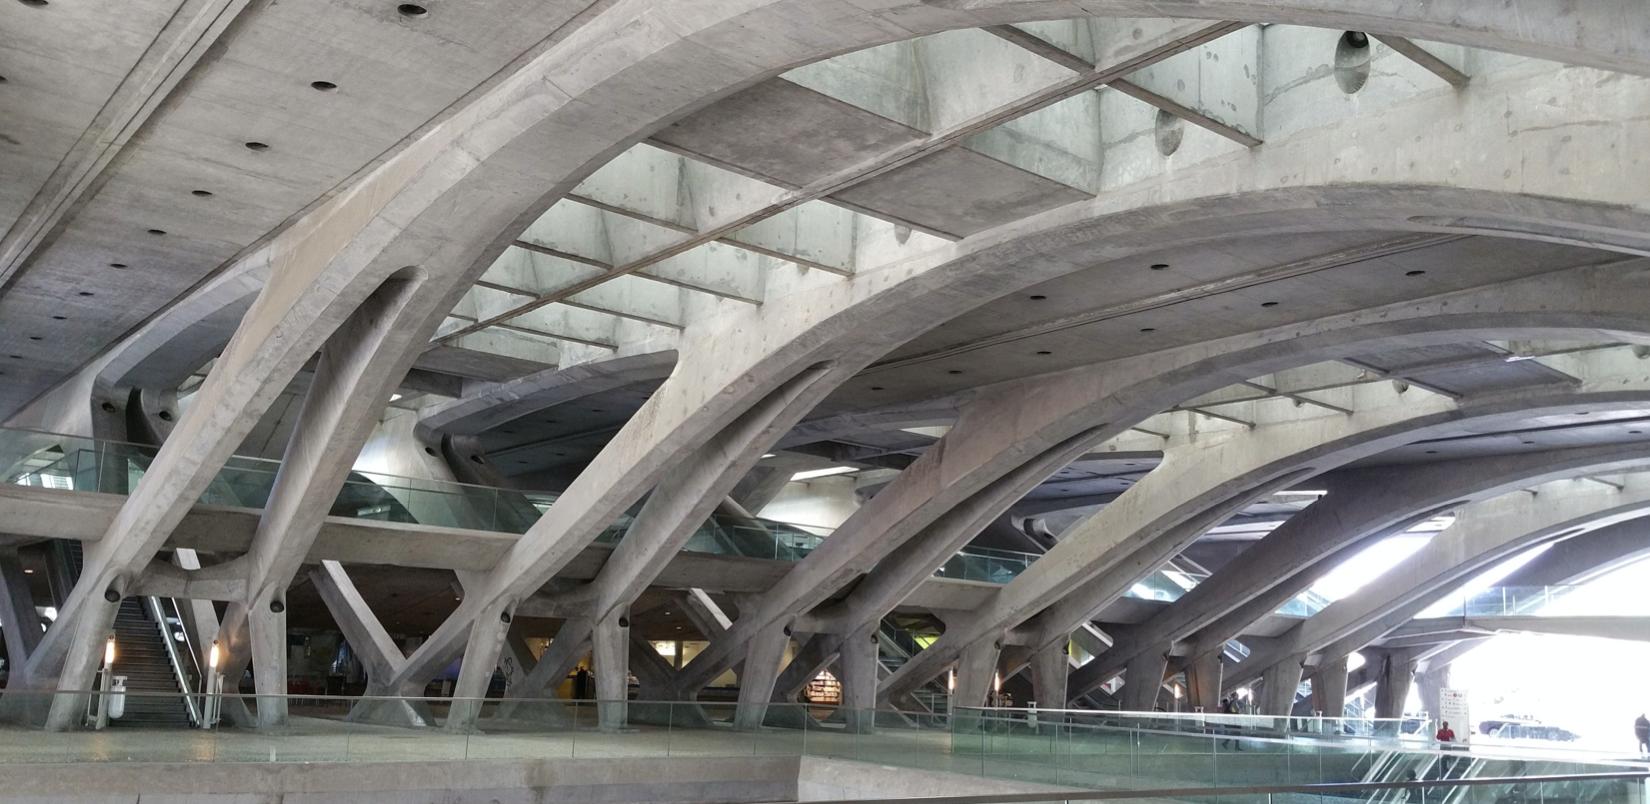 Bahnhof Oriente in Lissabon - Stahlbetontragwerk